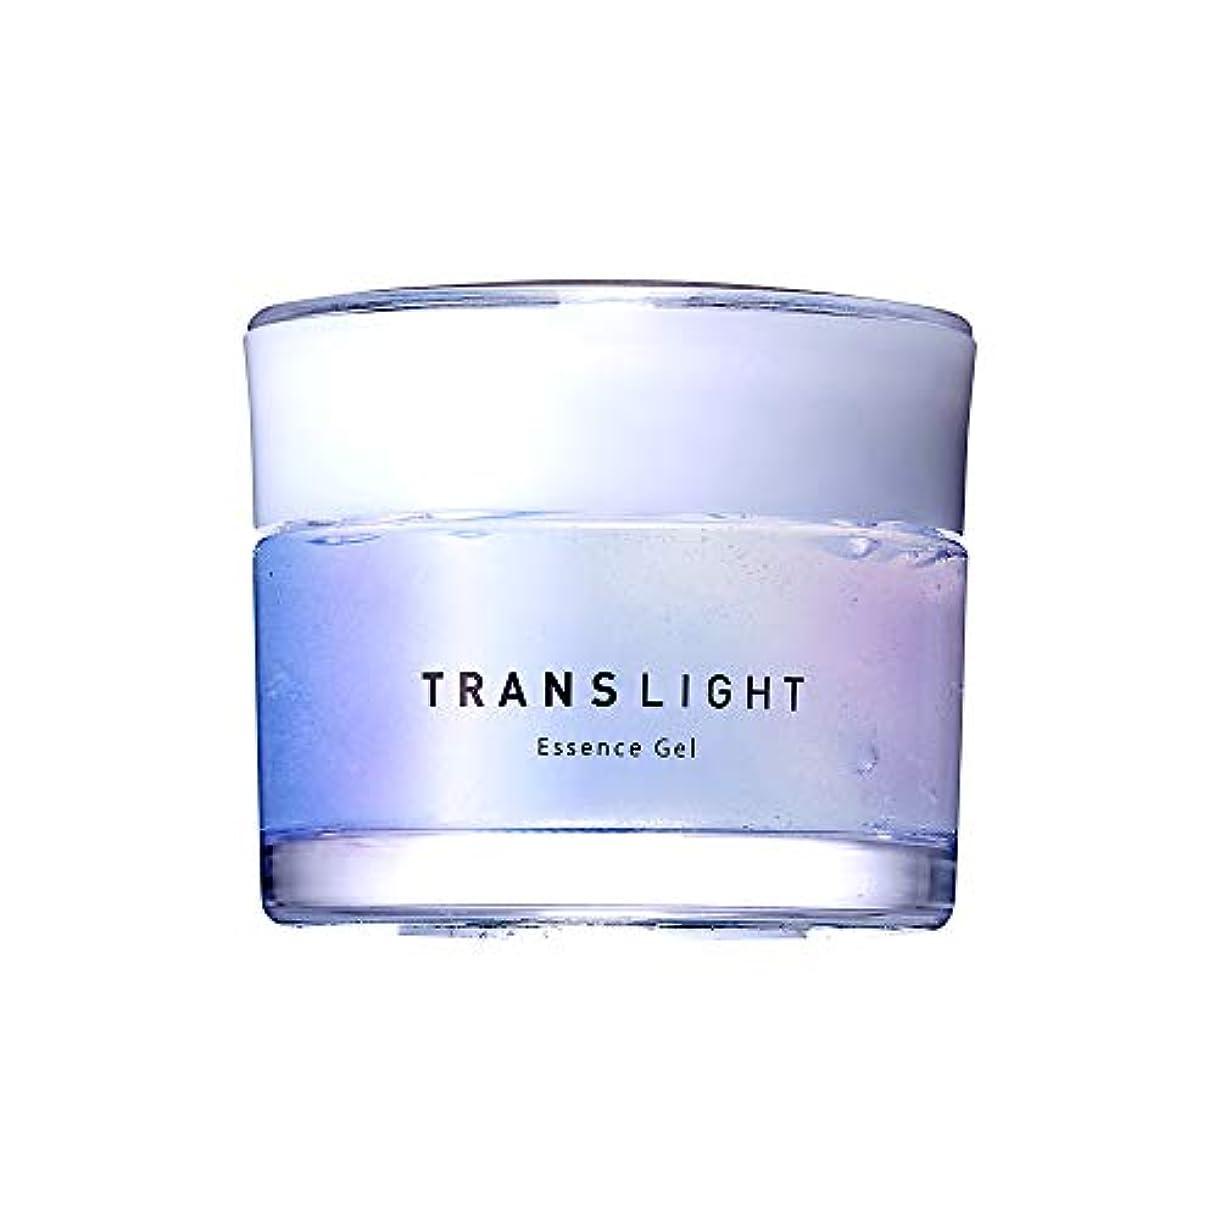 処分した平手打ち節約TRANSLIGHT トランスライト エッセンスジェル <ジェル状美容液> 30g